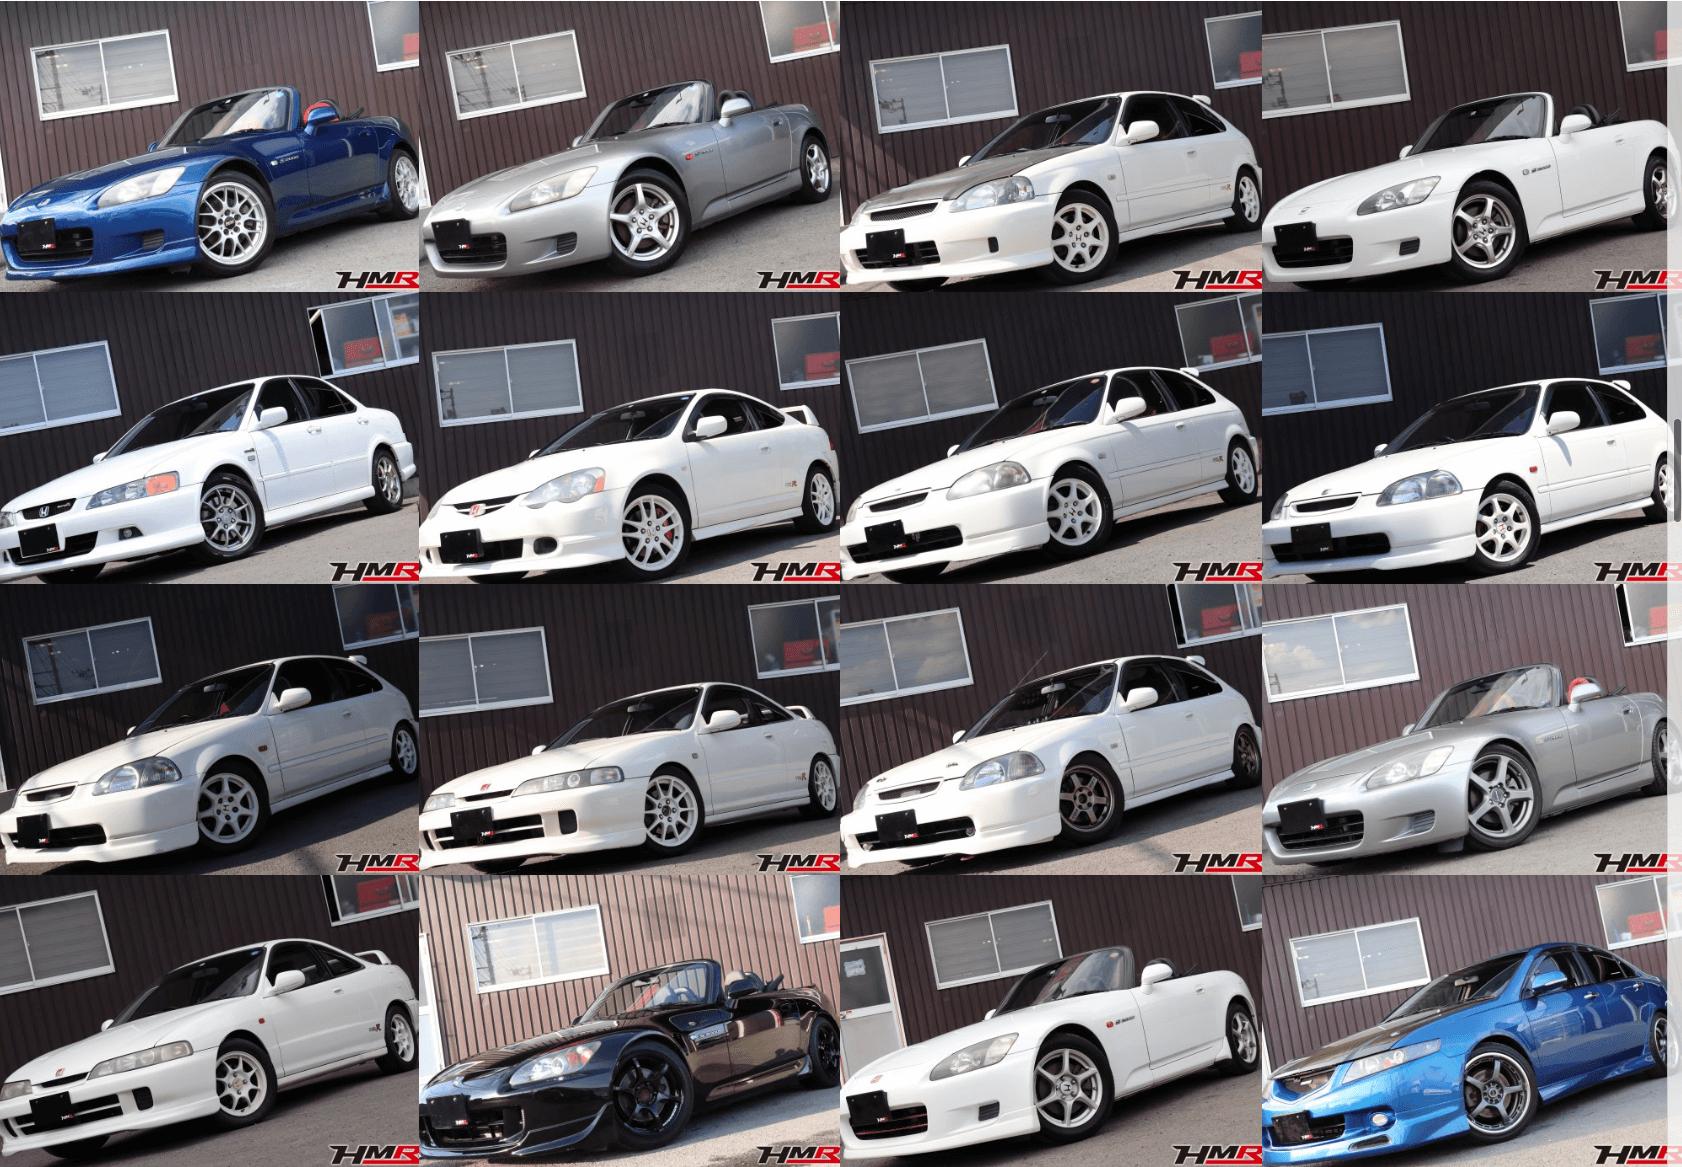 ホンダスポーツカー一覧